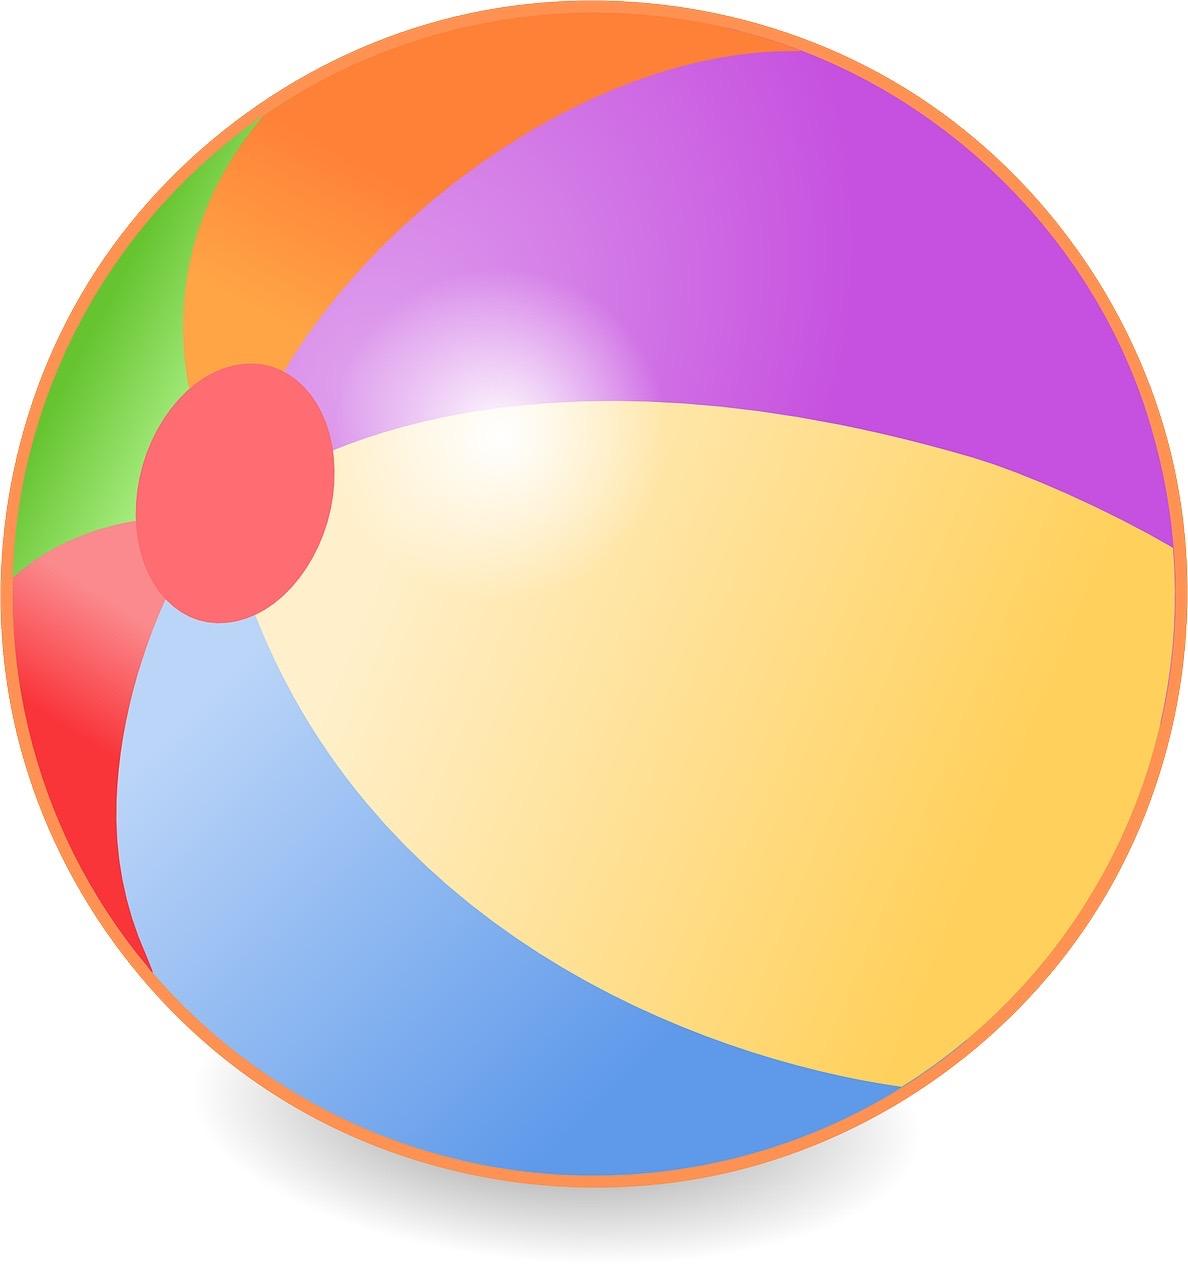 ball-159051_1280